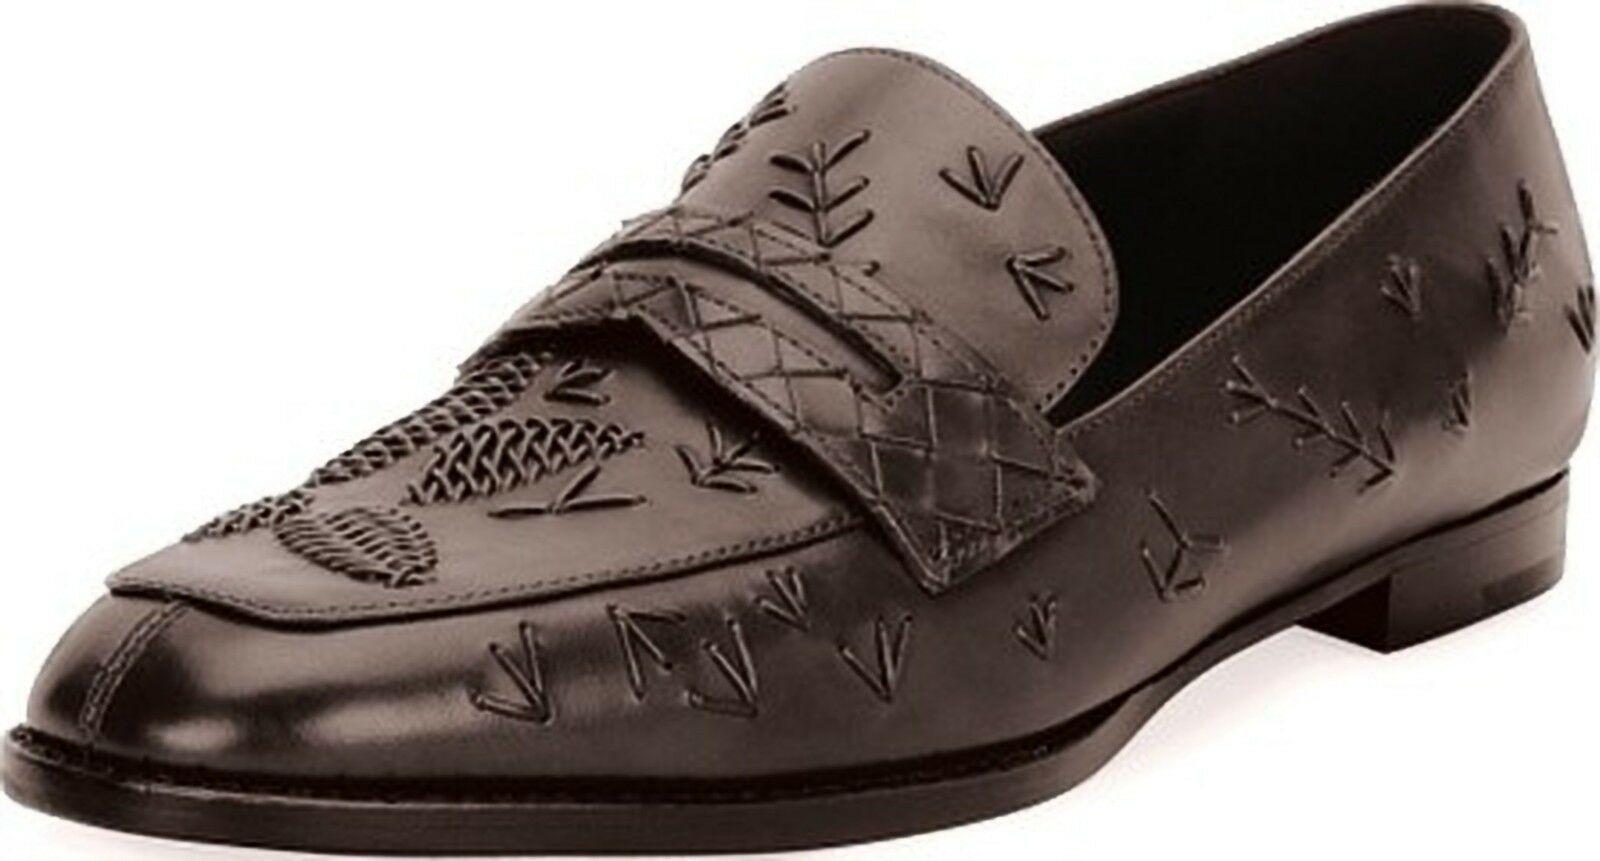 Bottega Veneta Stitched Slip-On Leather Penny Loafer 38.5 MSRP: $990.00 - $593.01